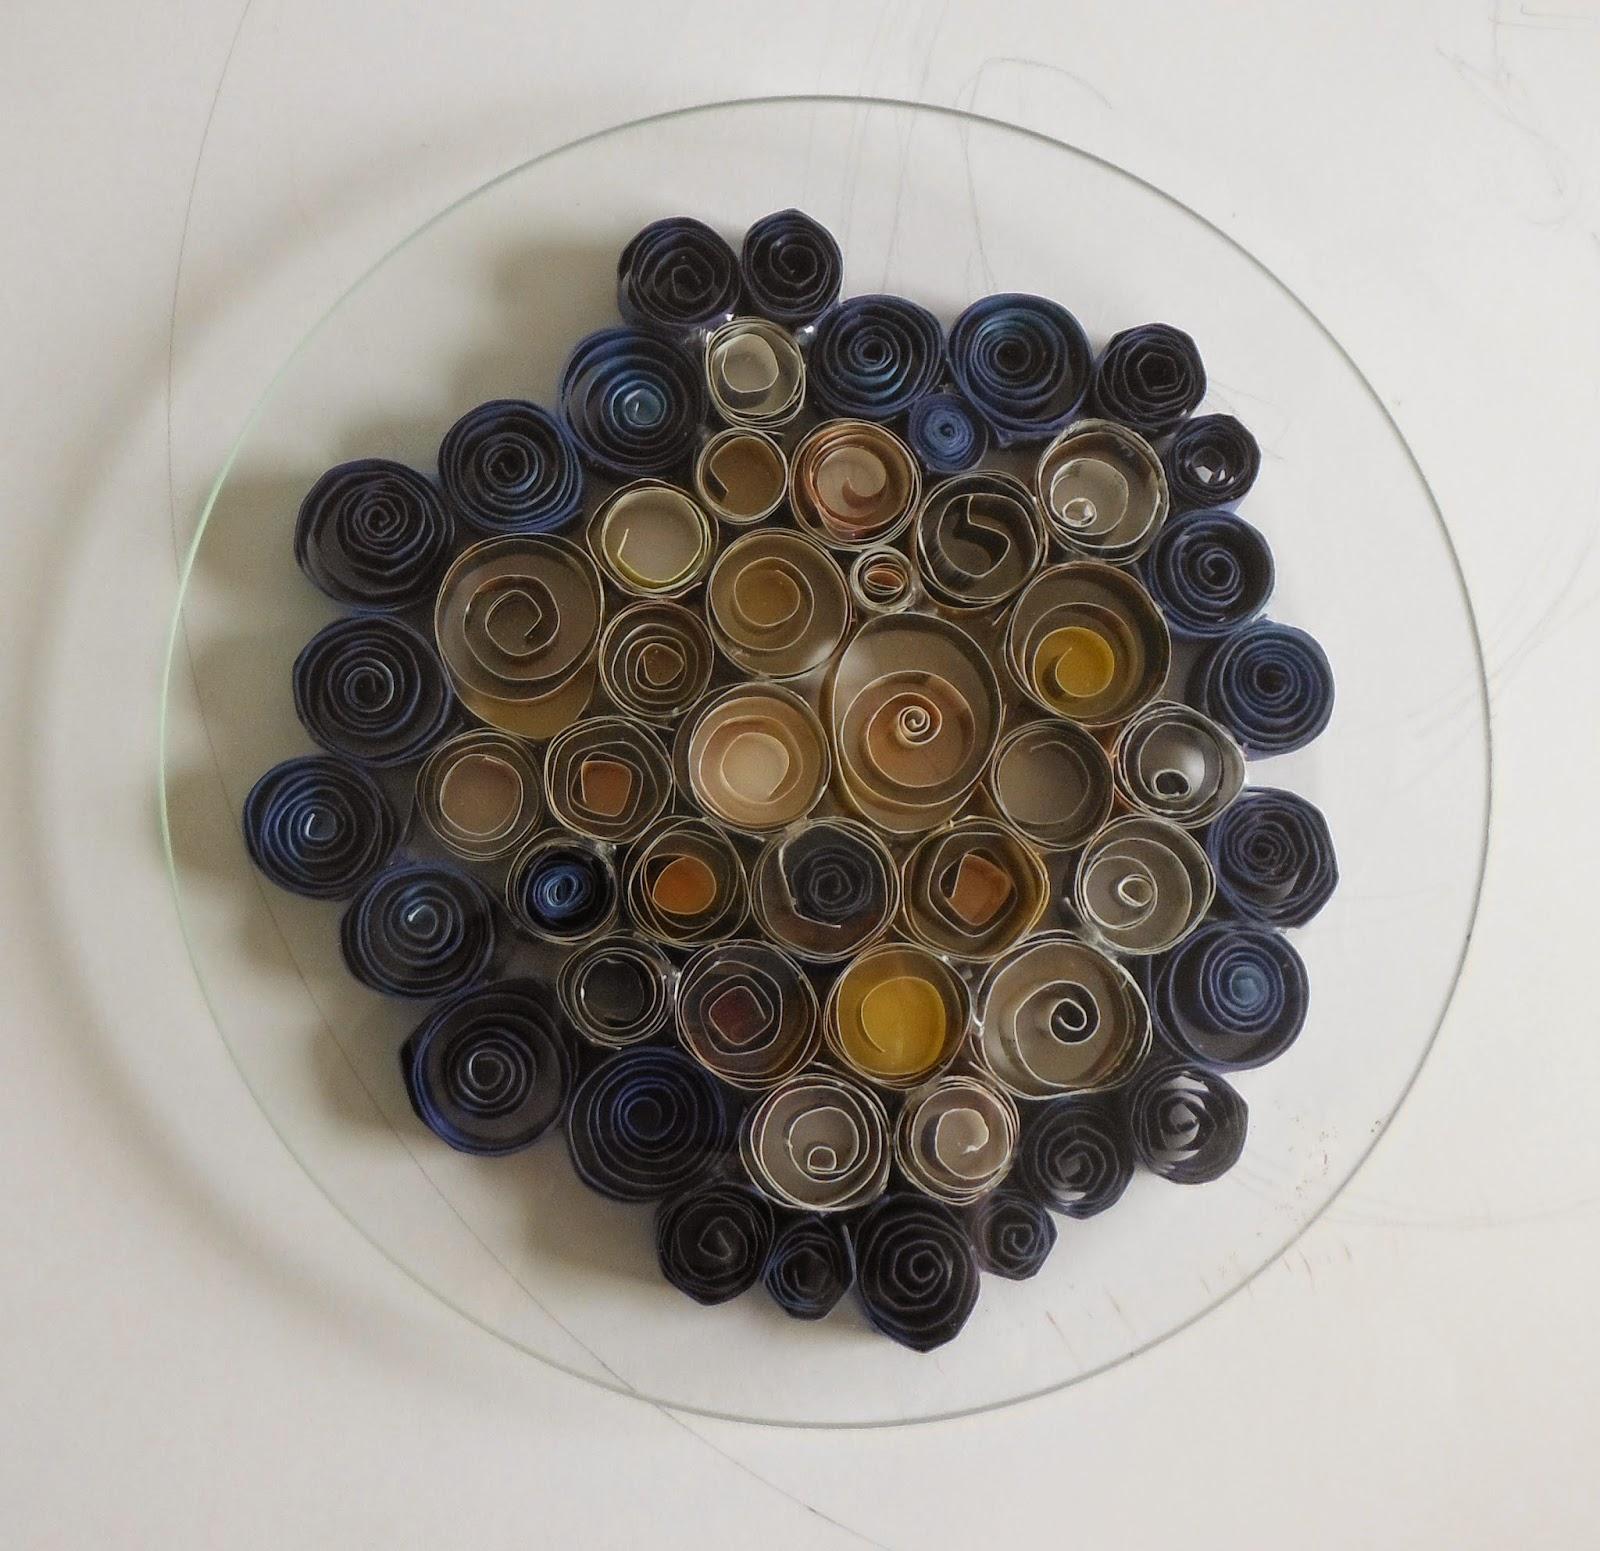 loisirs créatifs faciles enfant primaire création objet utilitaire vase dessous plat cadre miroir avec papier roulé